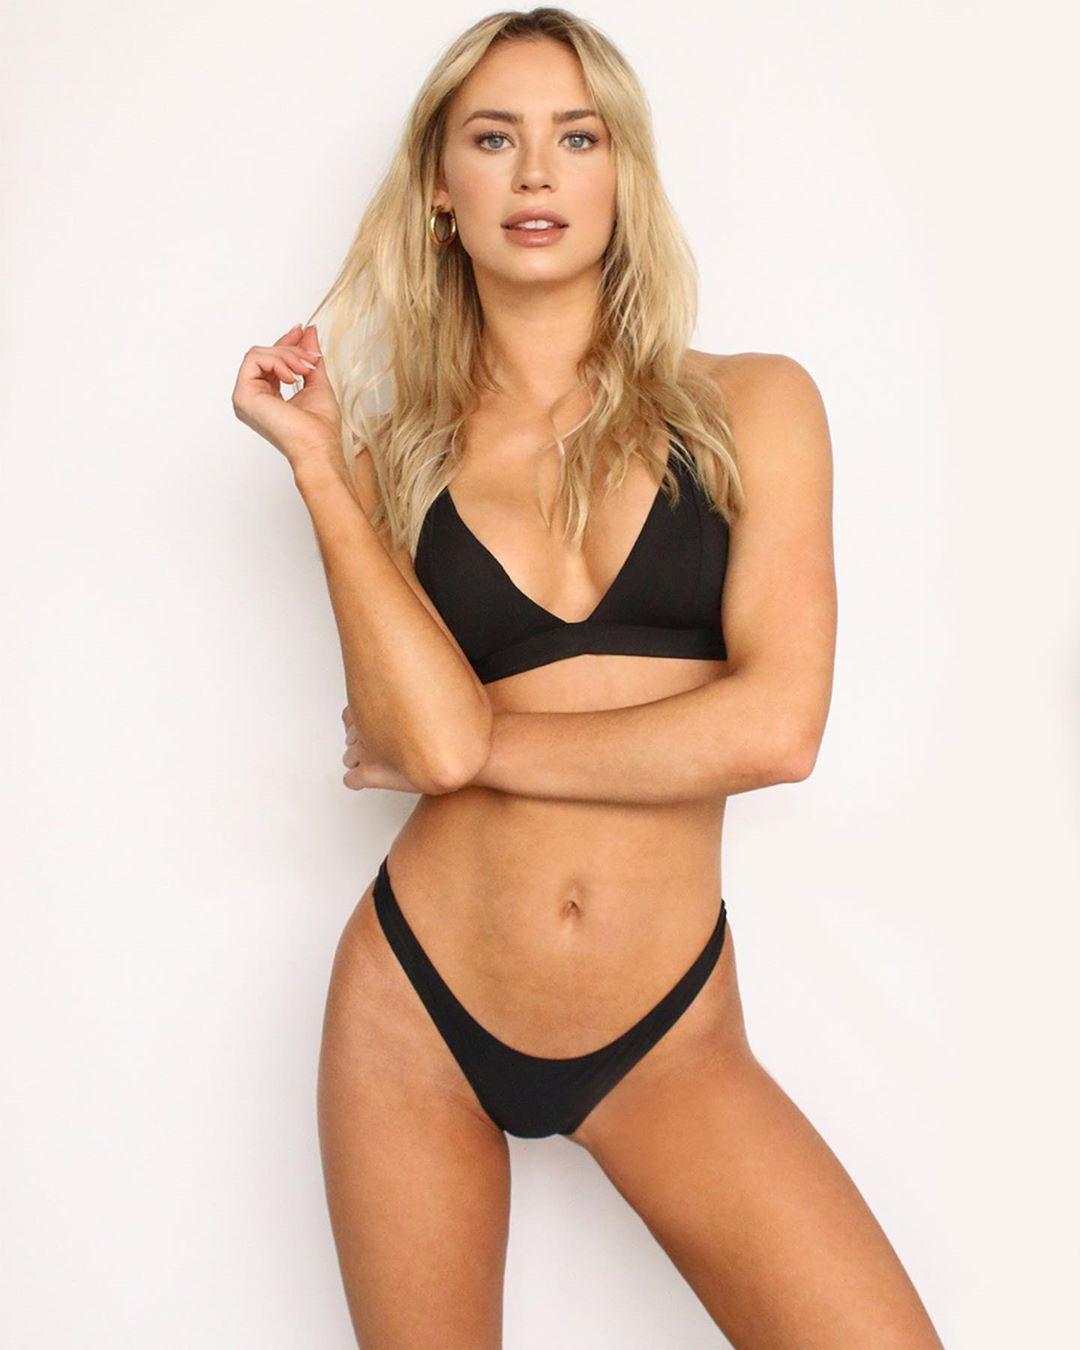 Model Karen